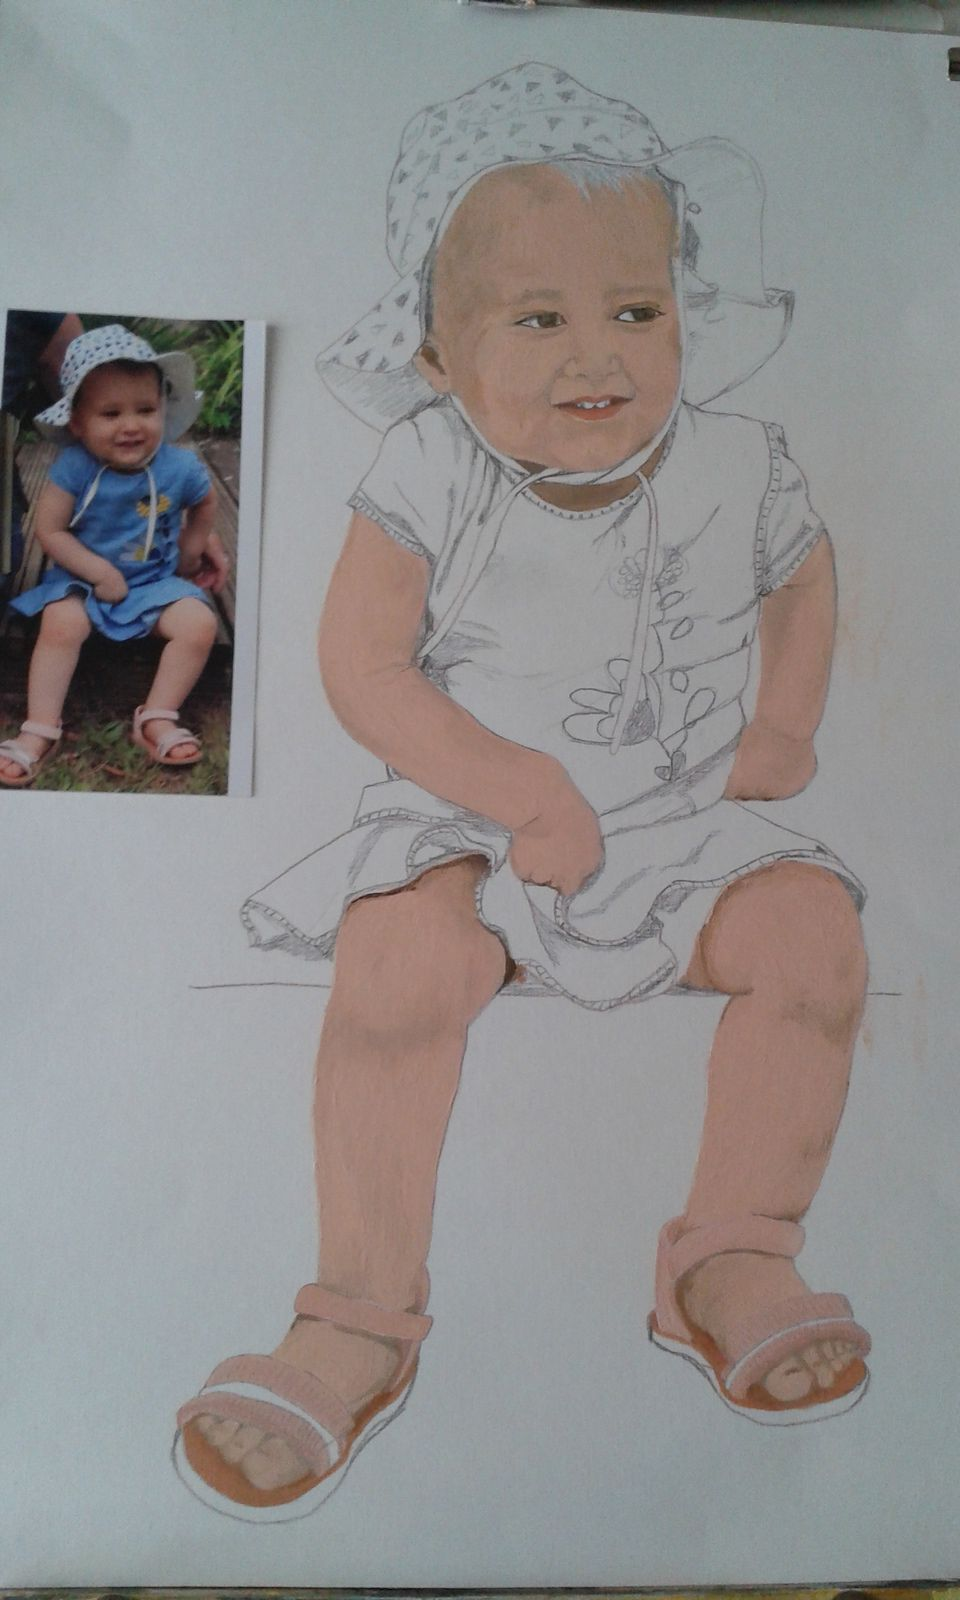 Portrait à l'huile de Sophia : palette de la couleur de la peau.